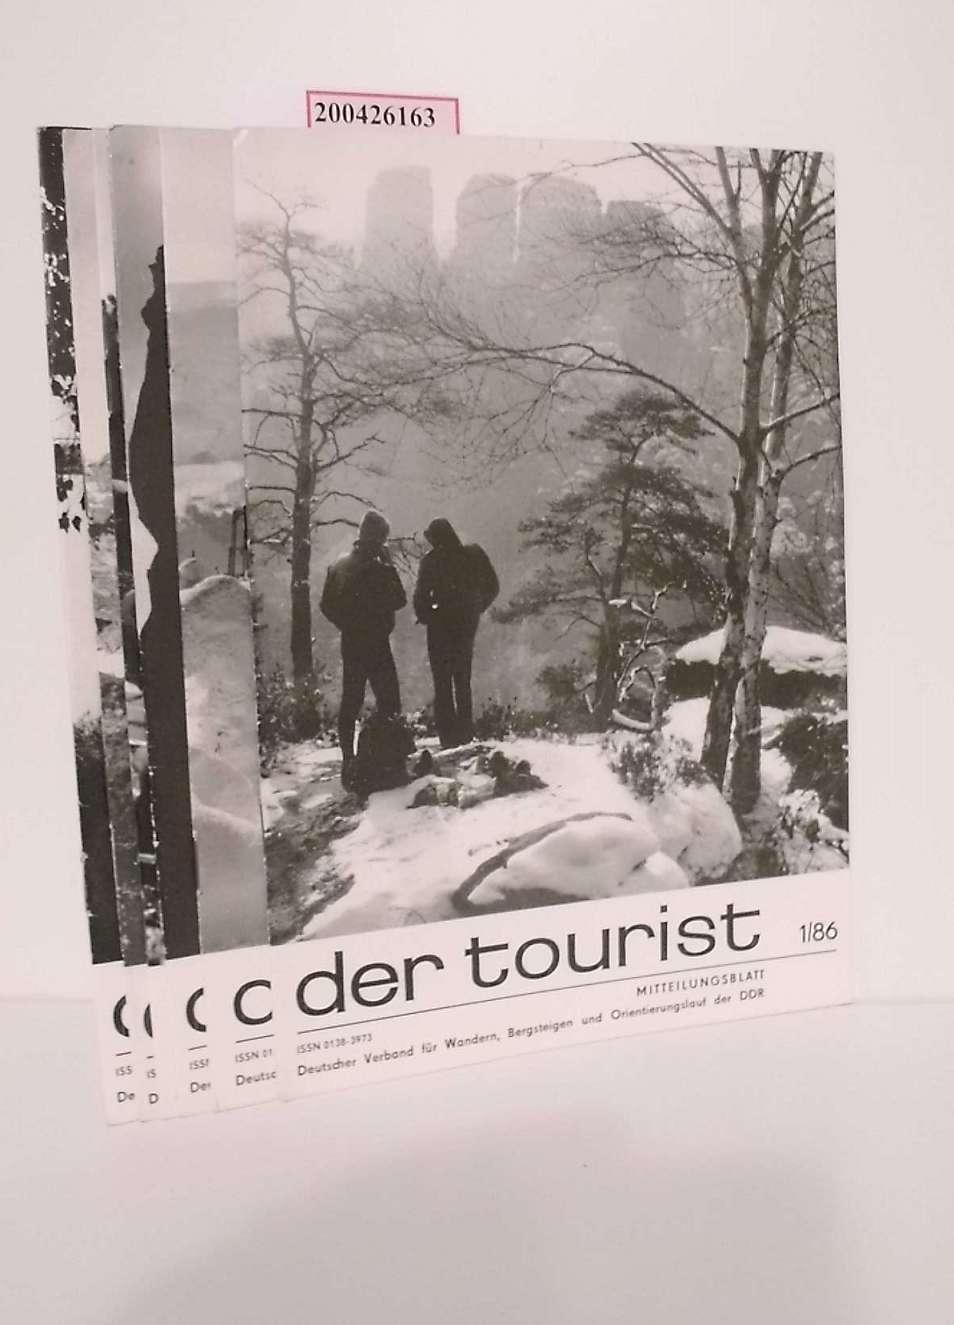 Der Tourist Nr. 1/86, 2/86, 3/86, 6/86, 7/86, 9/86. Mitteilungsblatt